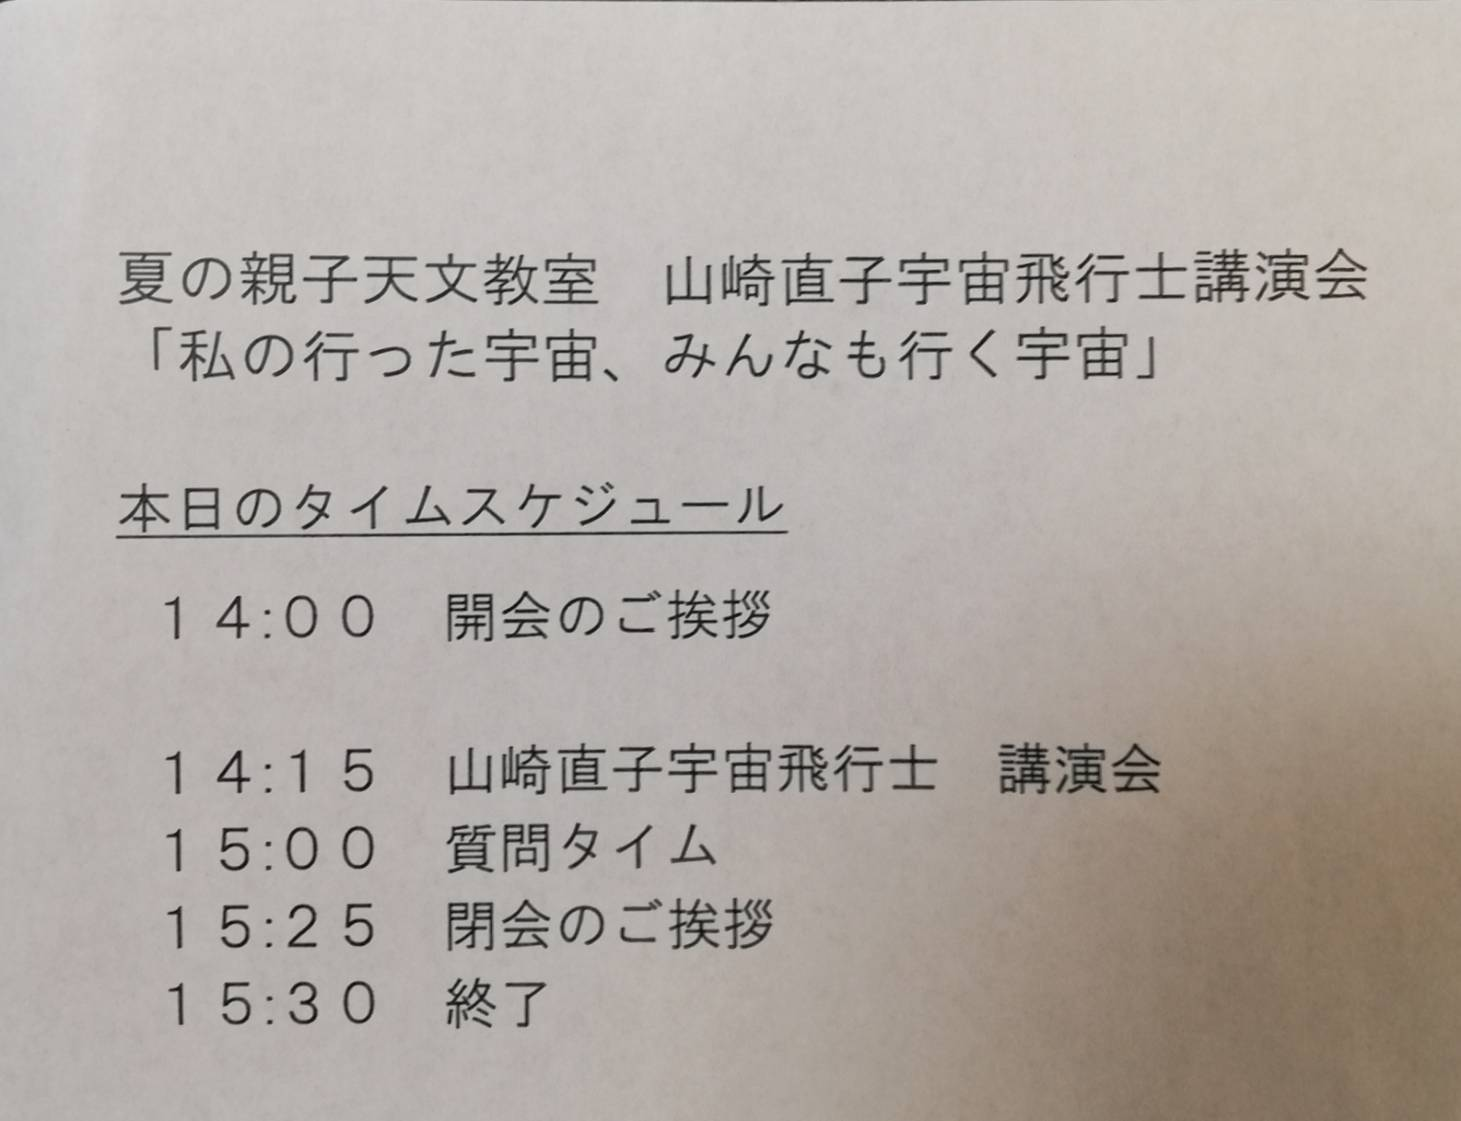 松戸市民会館イベント山崎直子宇宙飛行士講演